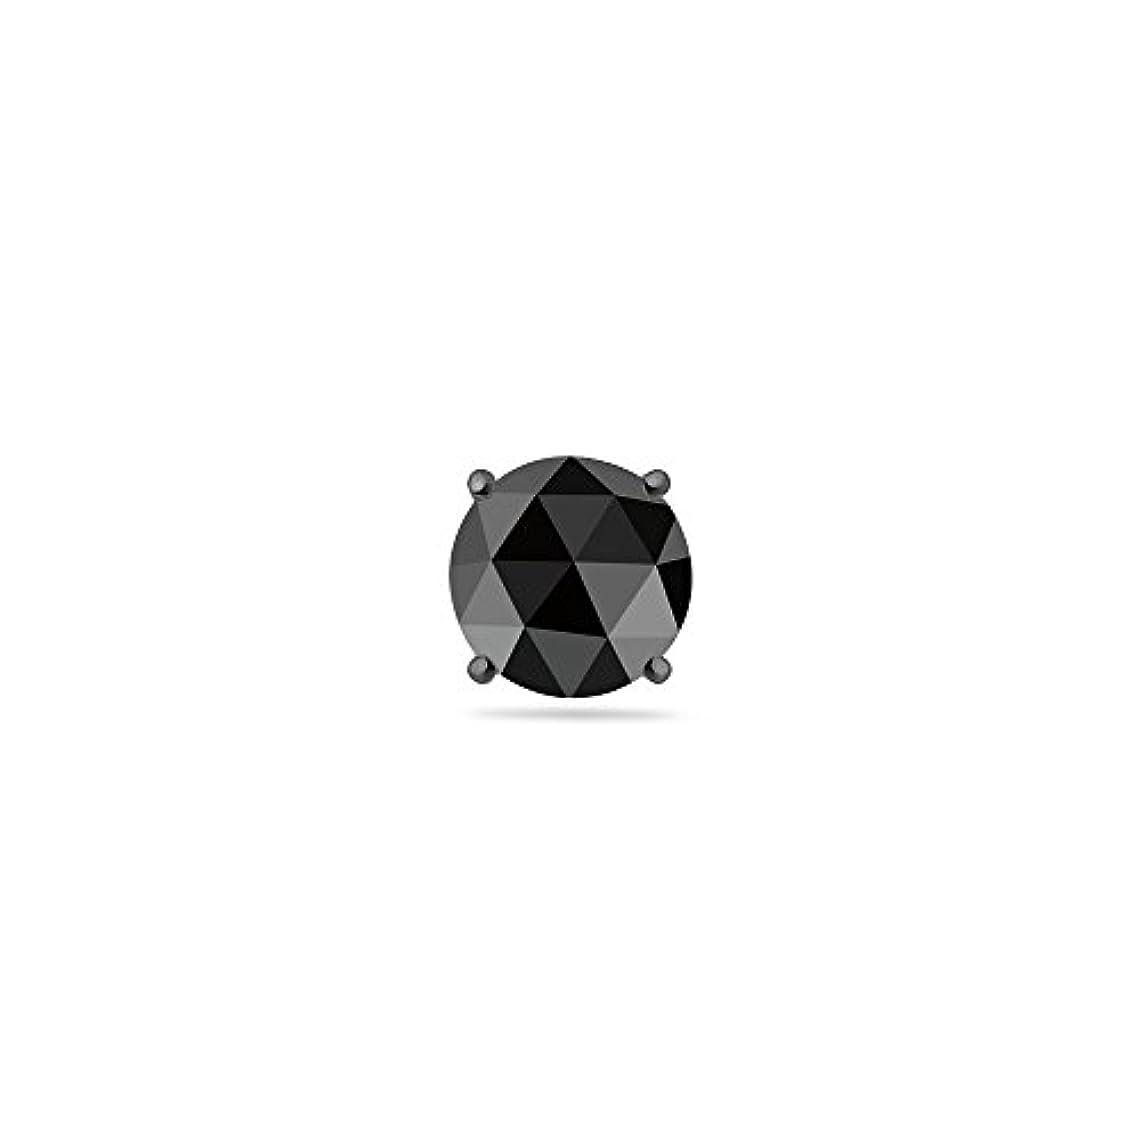 勇気複製する生産的クリスマスDeal – 1 3 / 4 ( 0.71 – 0.80 ) CTSの7.00 – 7.66 MM AAラウンドローズカットブラックダイヤモンドメンズスタッドイヤリングで14 K Blackenedホワイトゴールド...